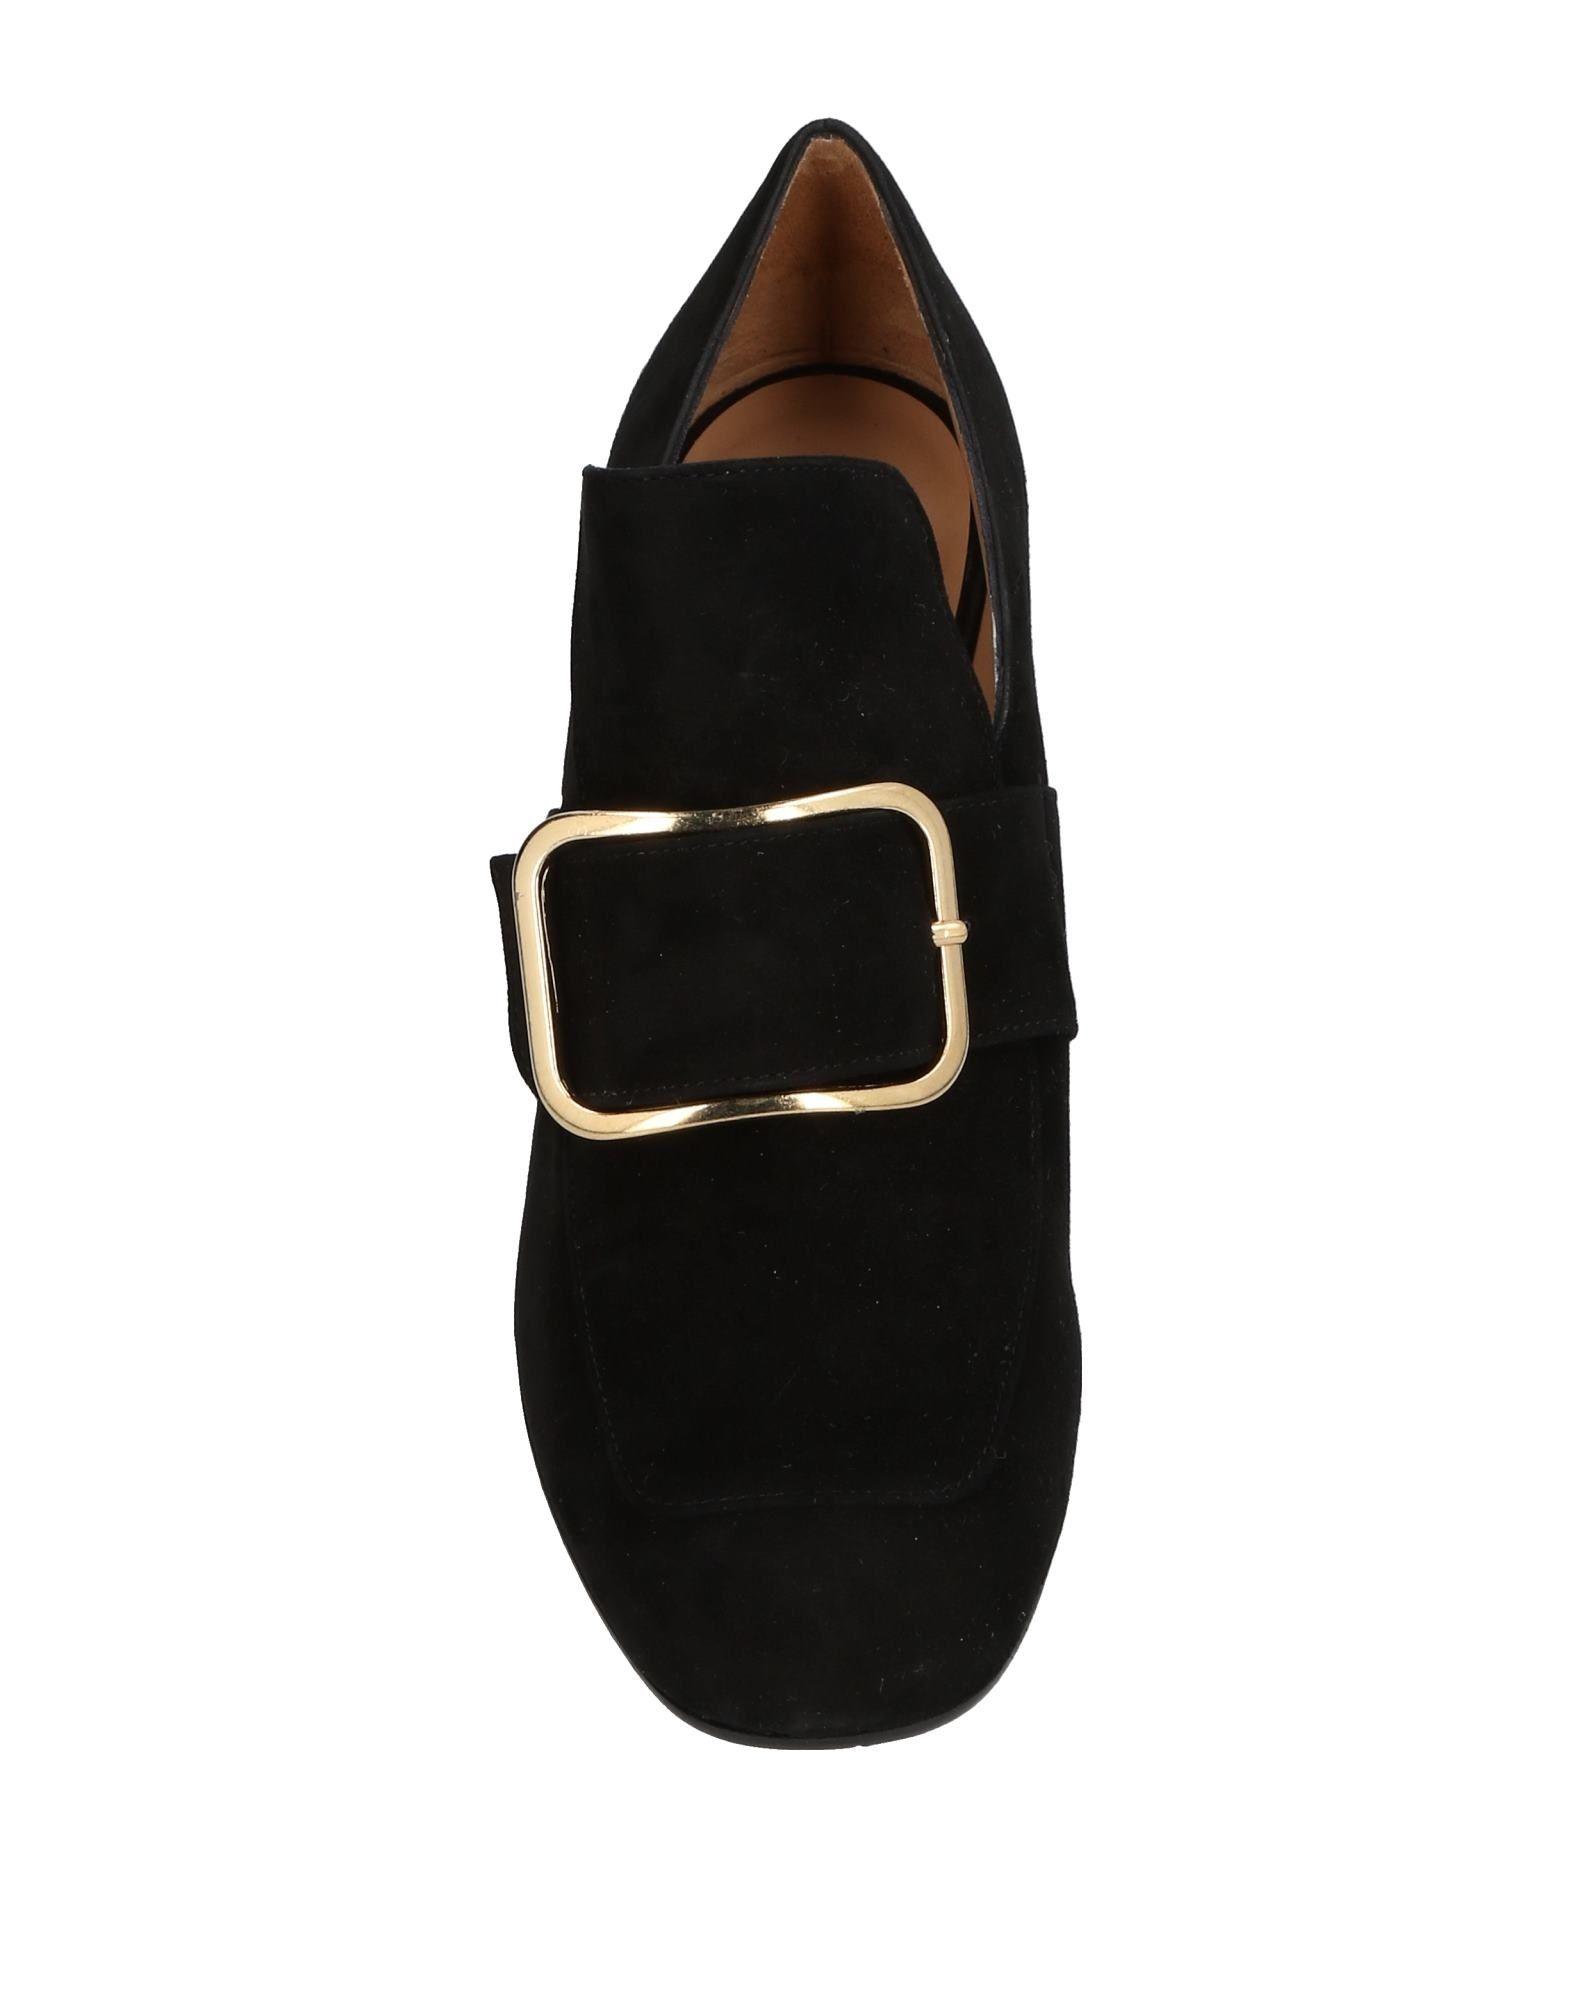 Spaziomoda Loafers Loafers - Women Spaziomoda Loafers Spaziomoda online on  United Kingdom - 11448184MO e20cbe